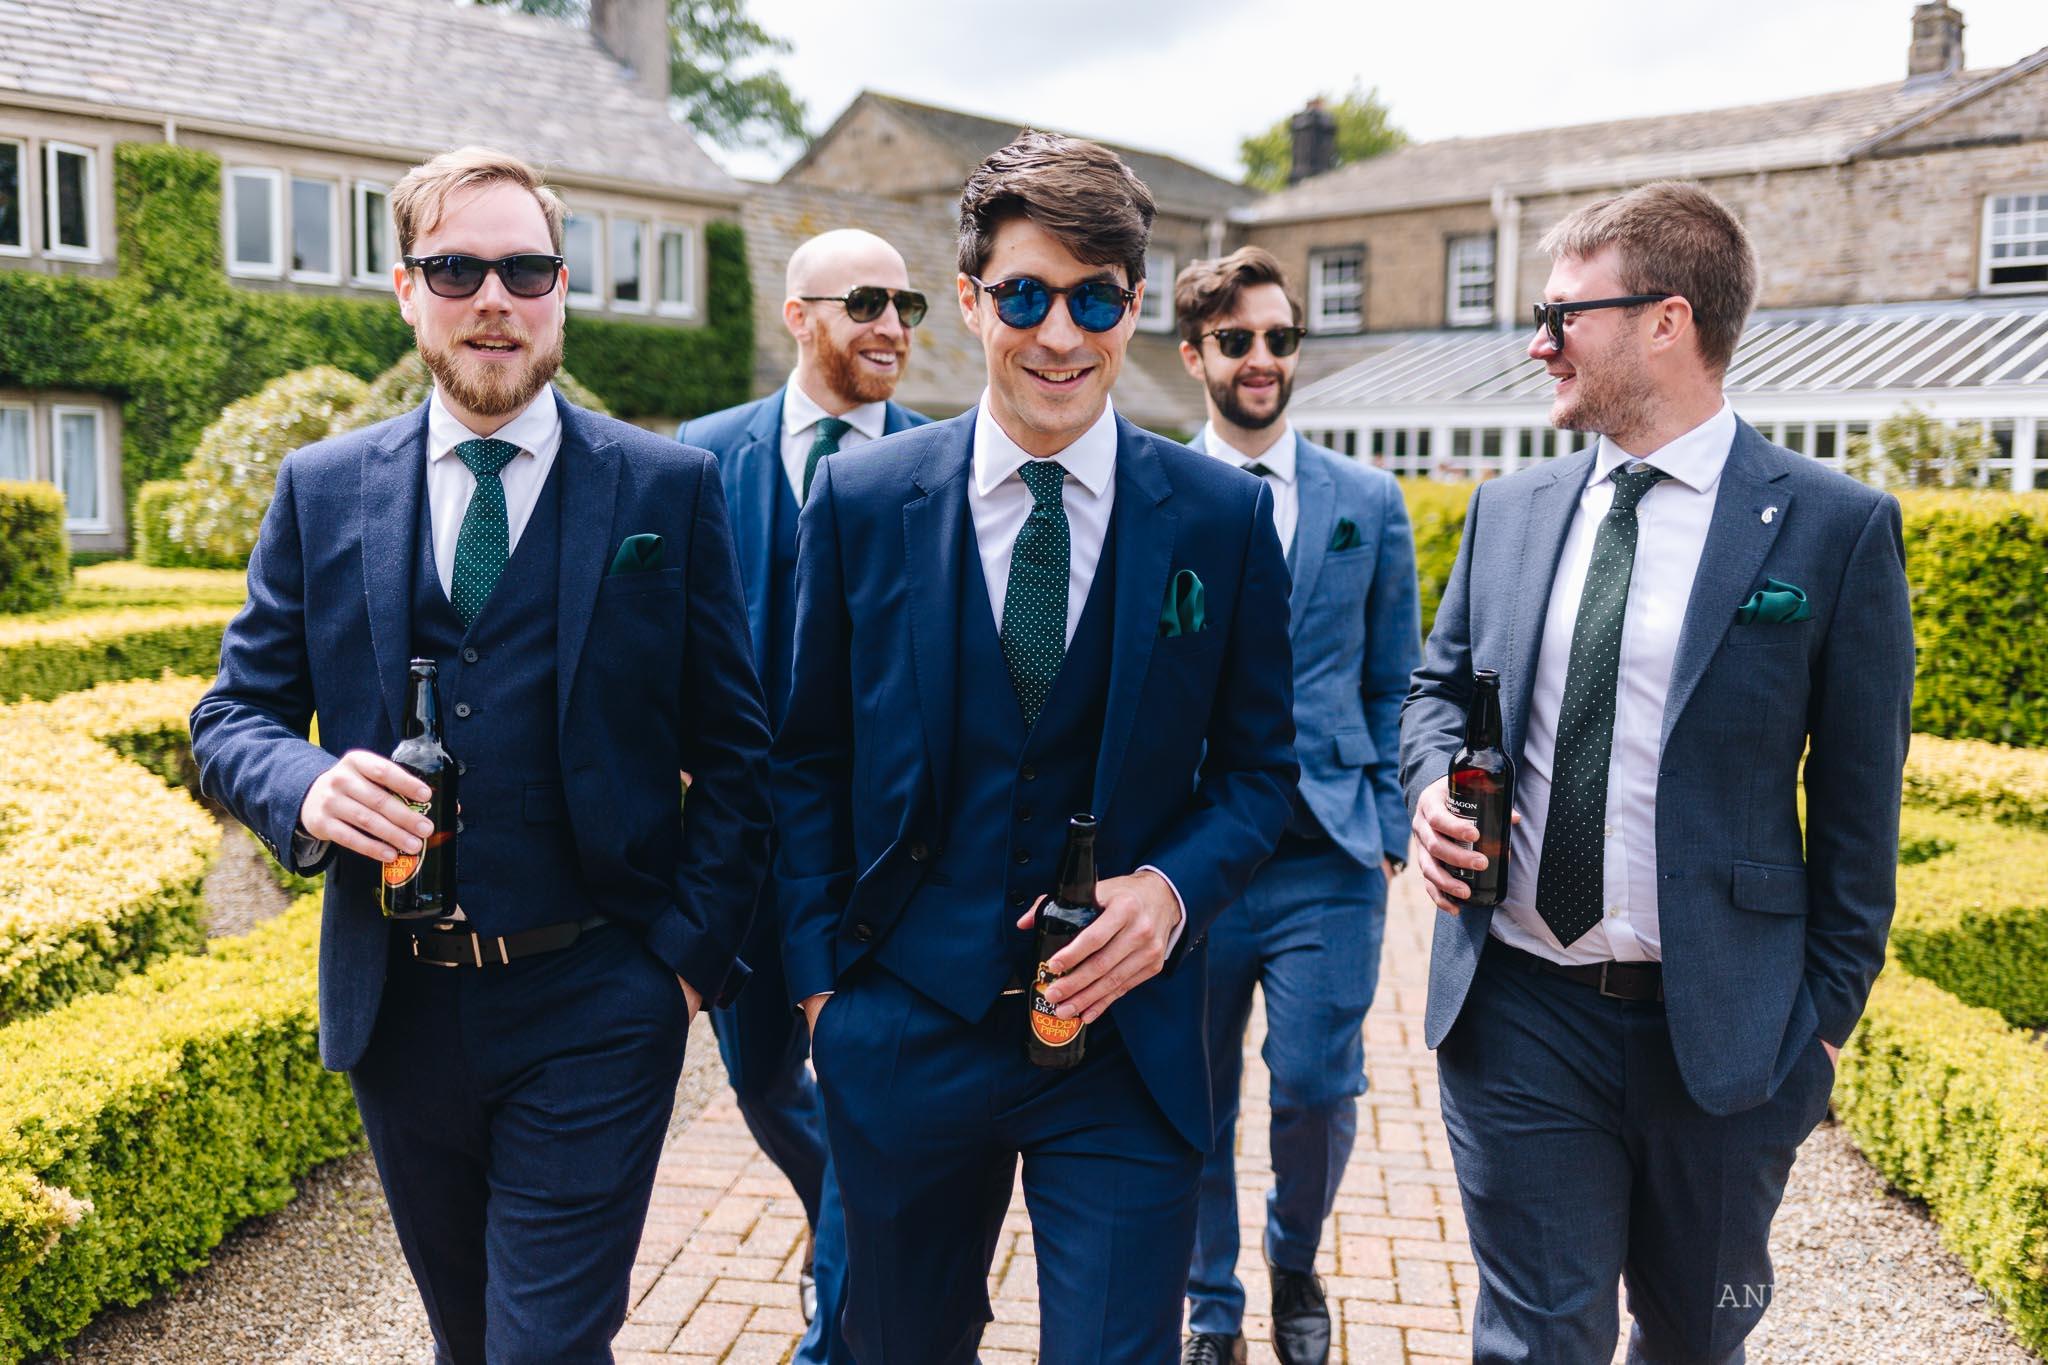 Tithe Barn Bolton Abbey Wedding Photographer_Andy Matheson_018.jpg